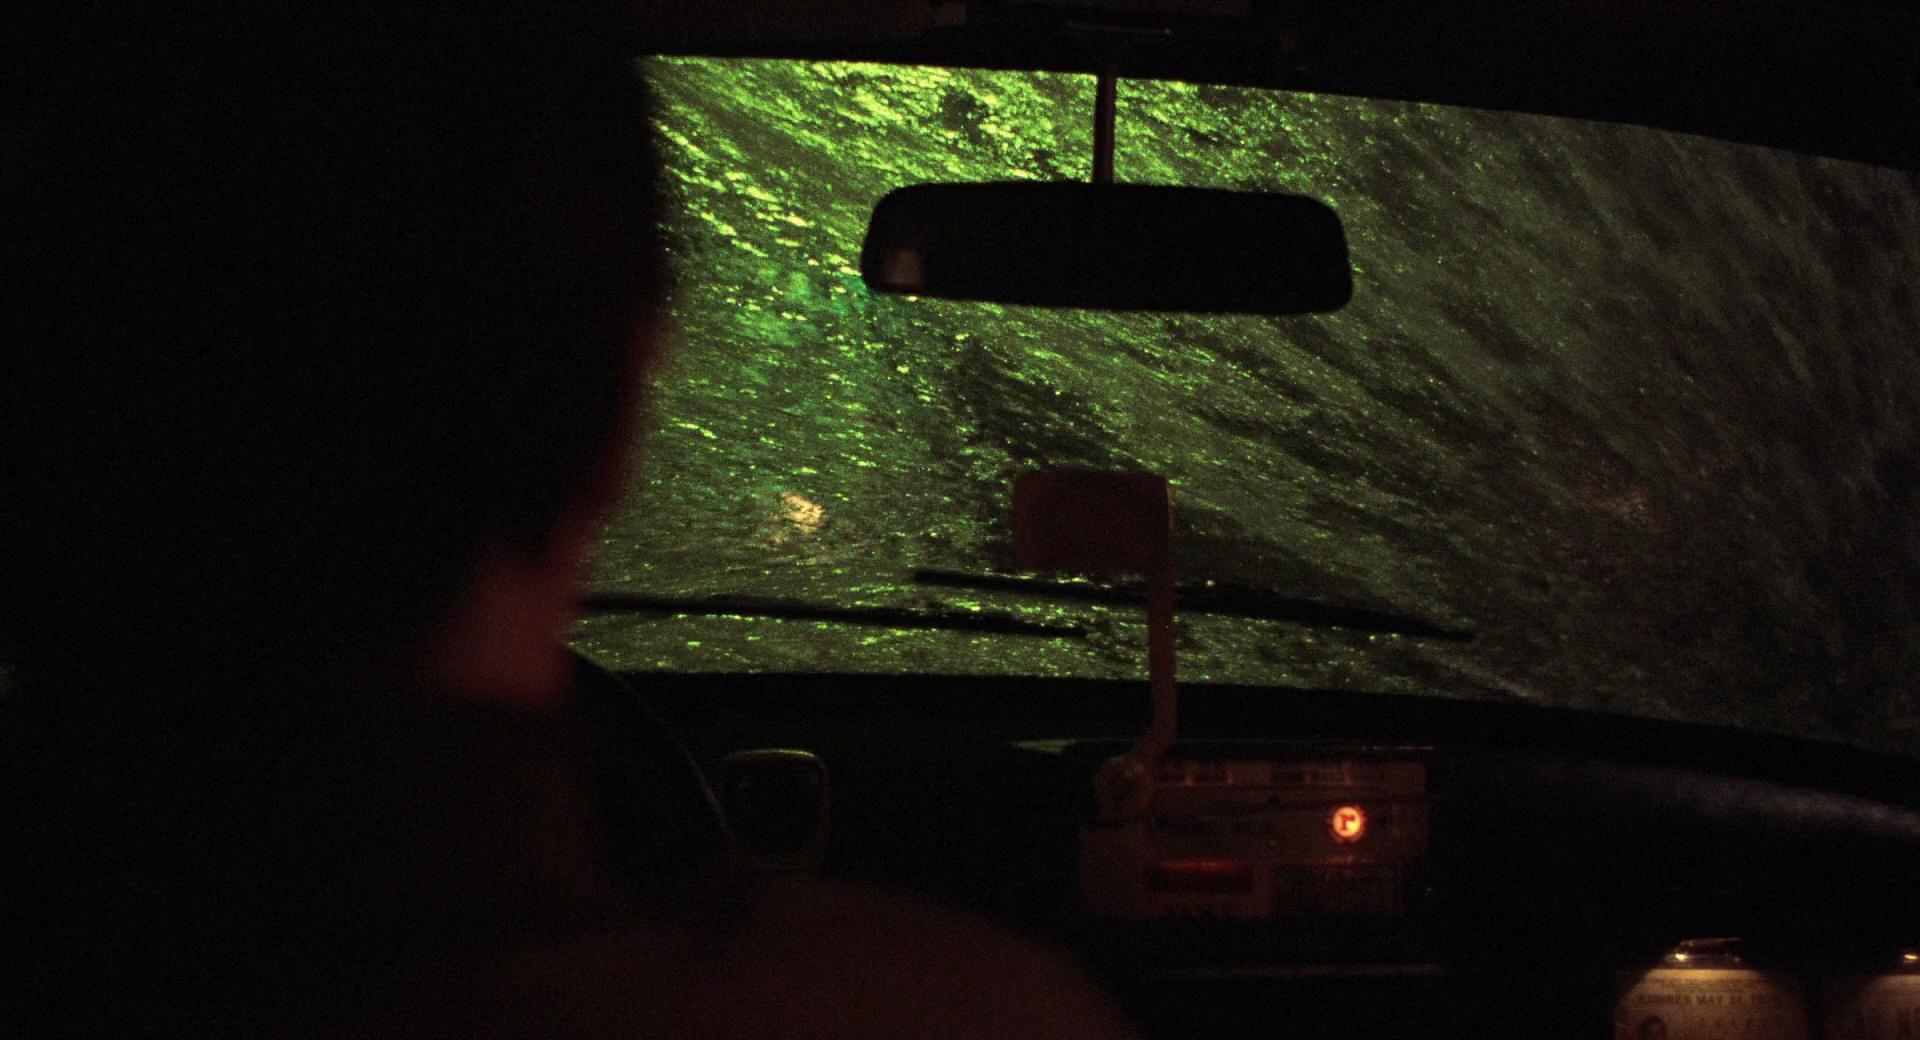 windshield-taxidriver-01.jpg